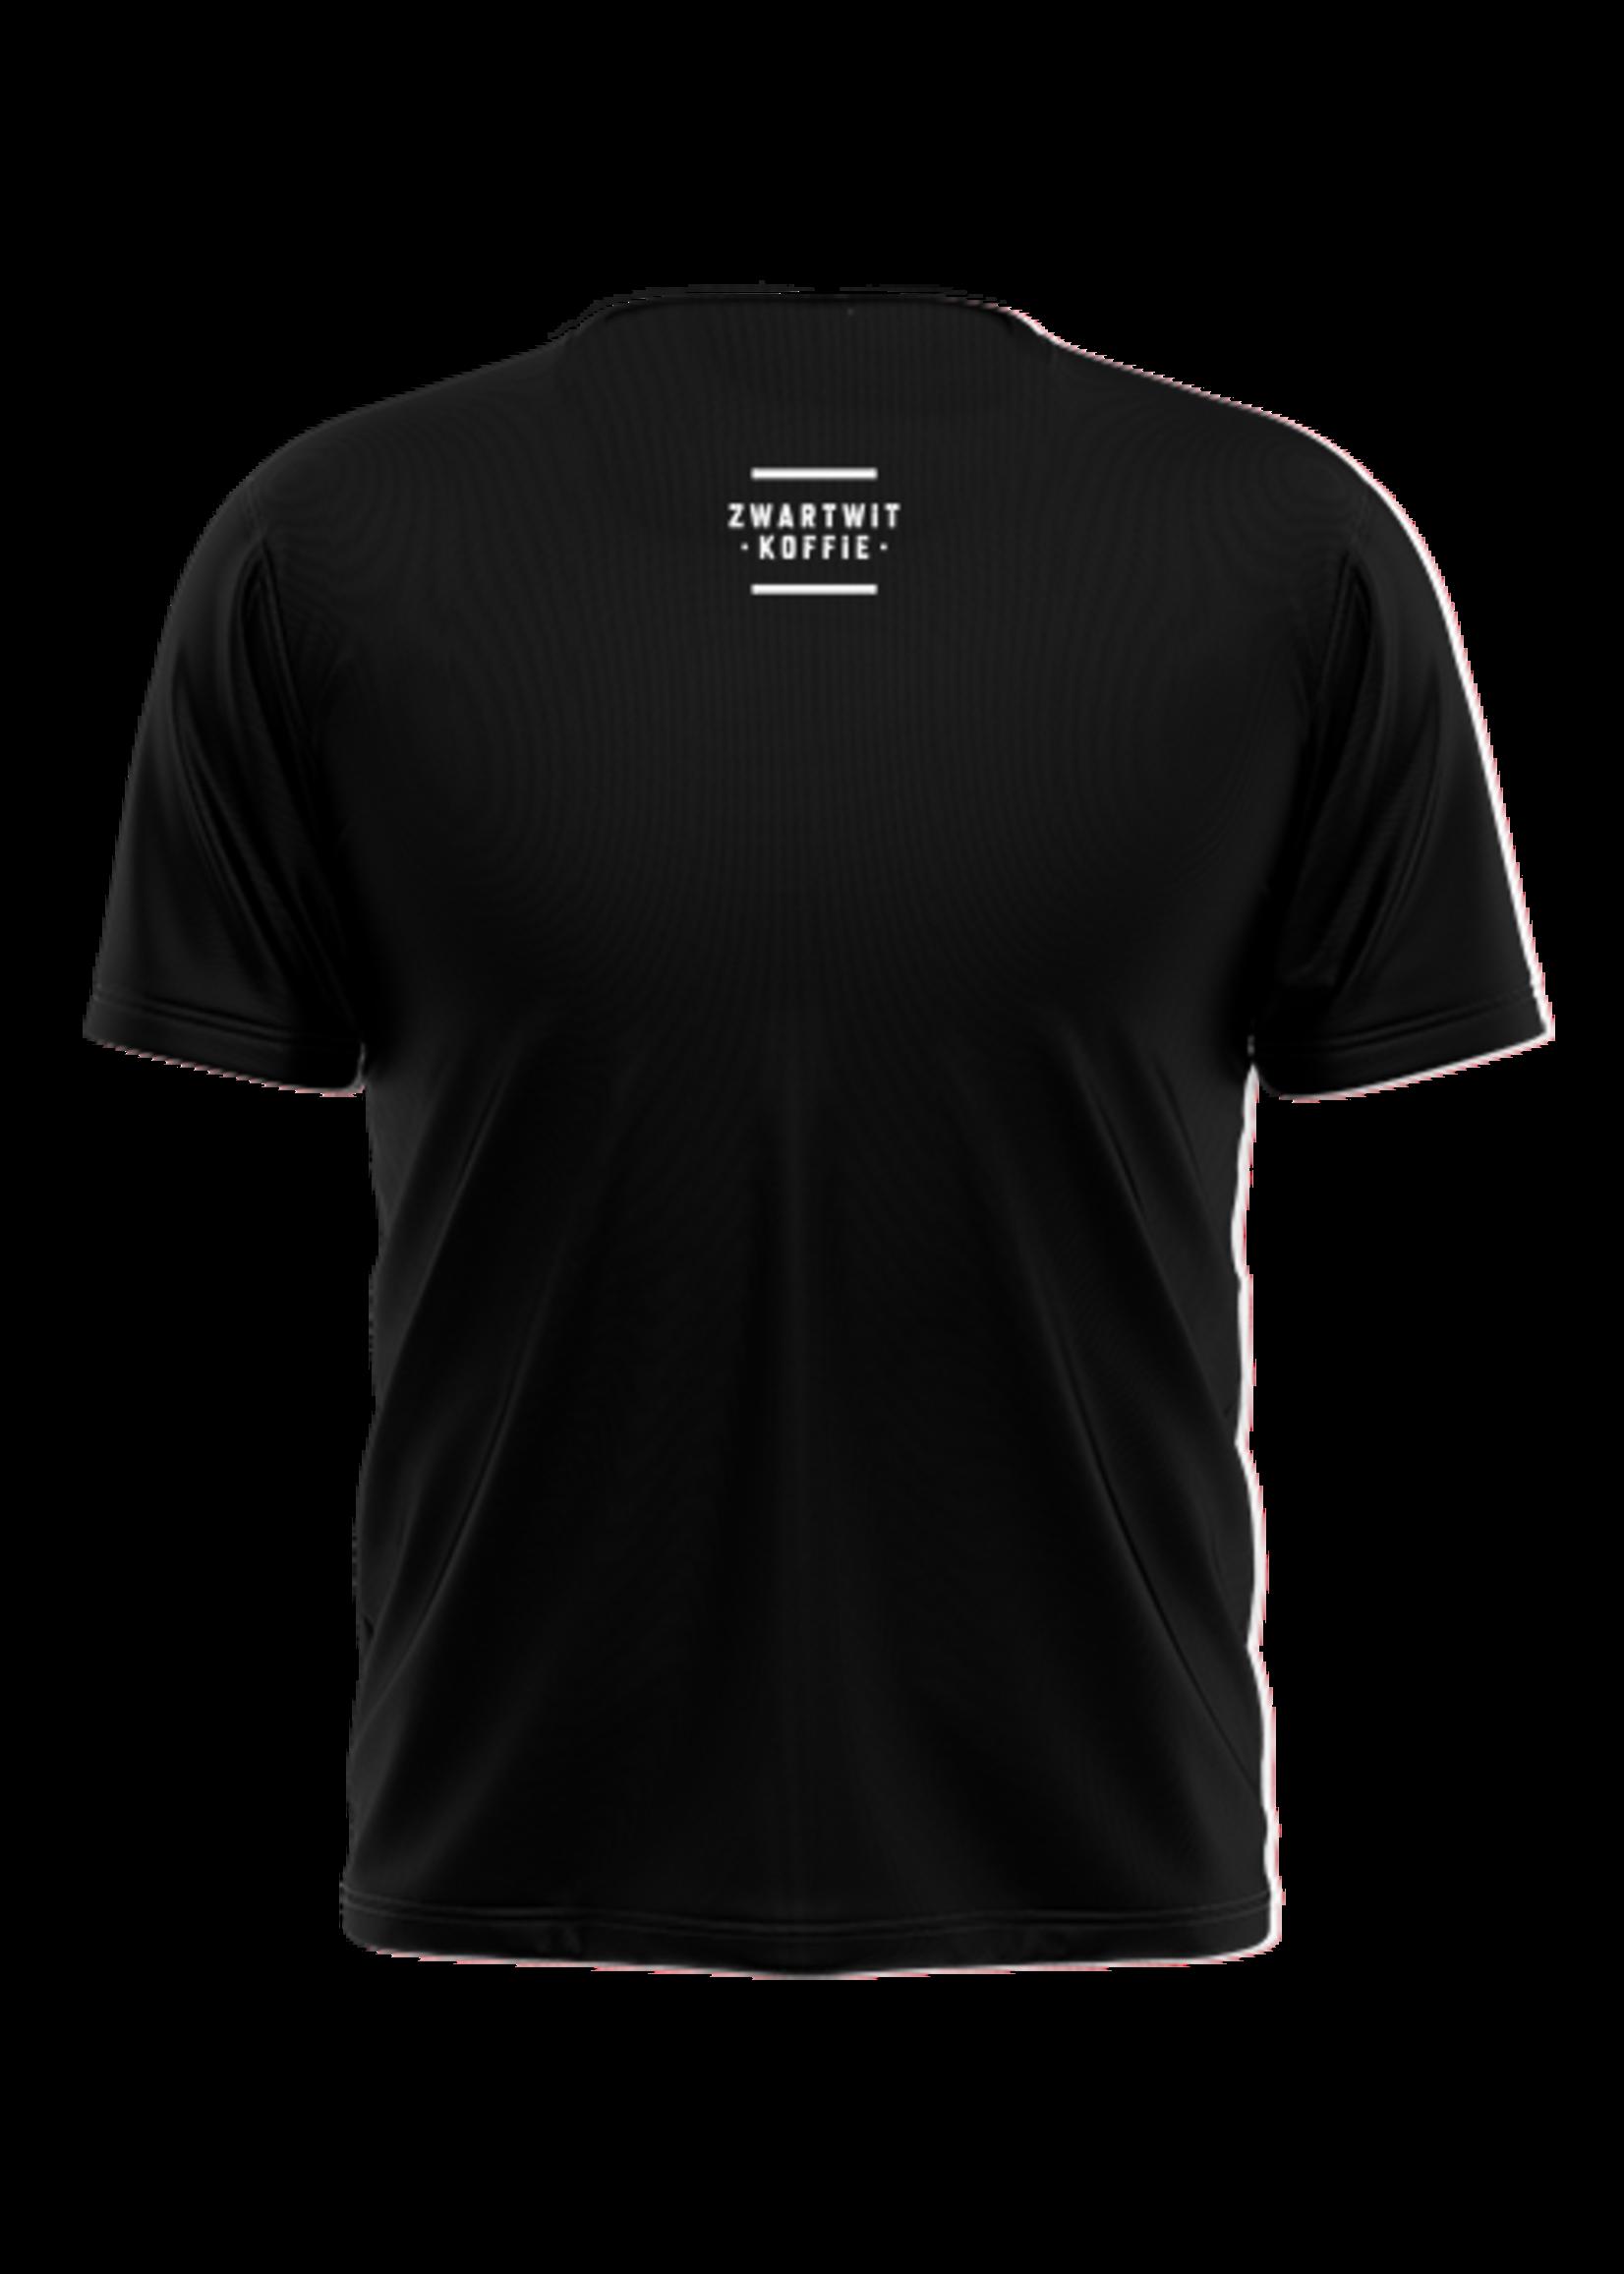 Rebel & Dutch ZwartWit T-shirt zwart zwart